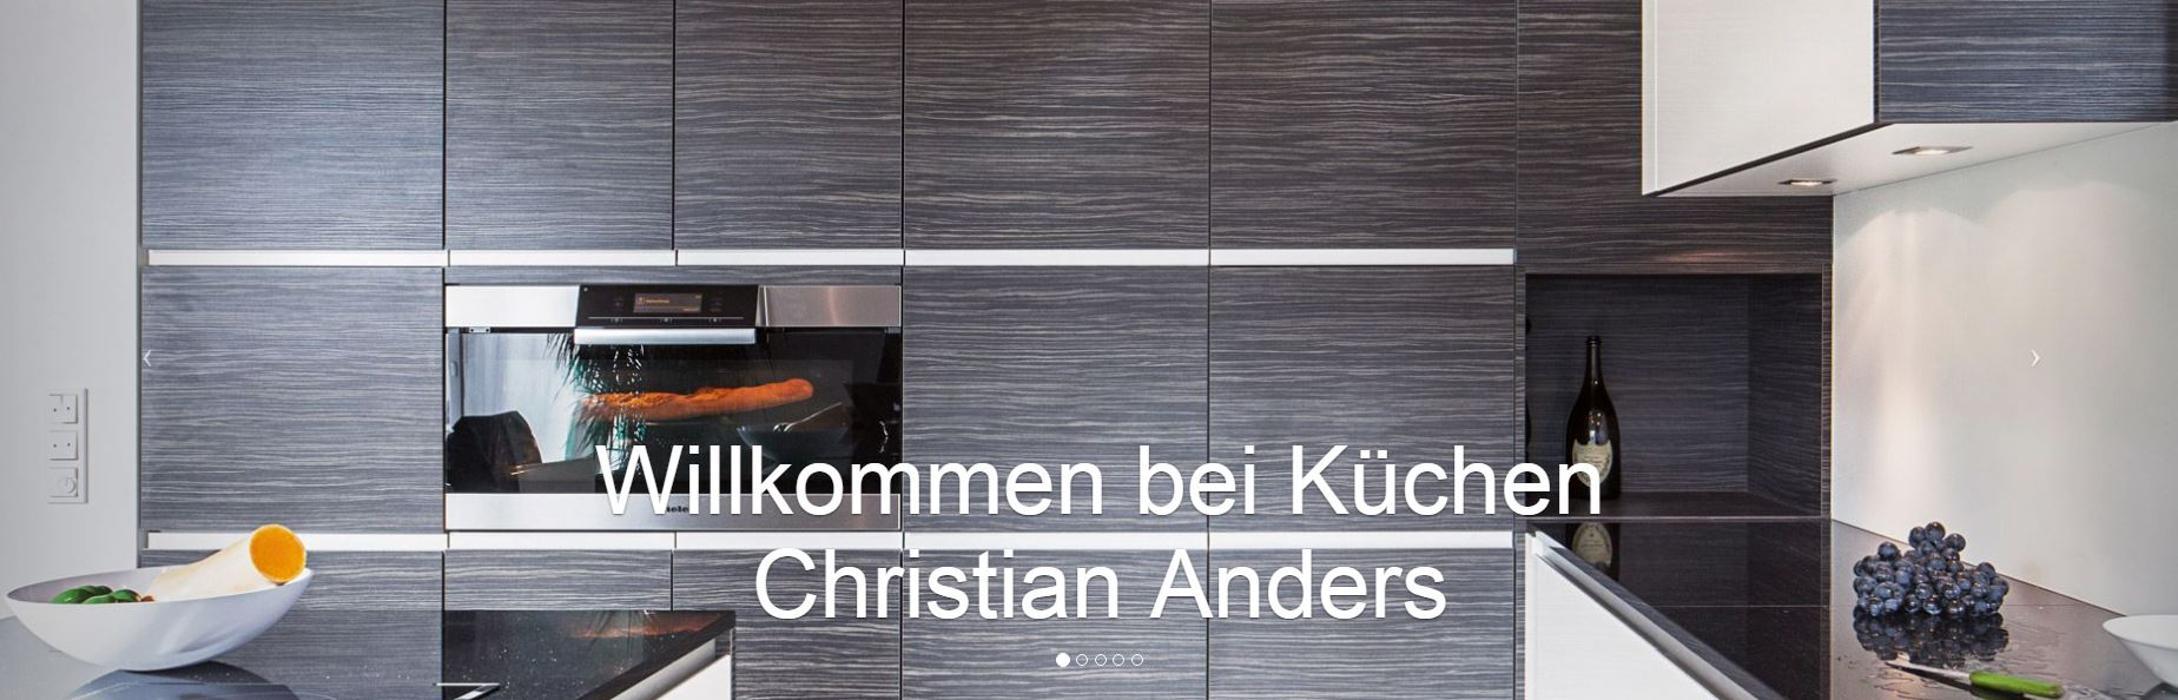 Kuchen Christian Anders Gmbh Memmingen Im Mitteresch 60